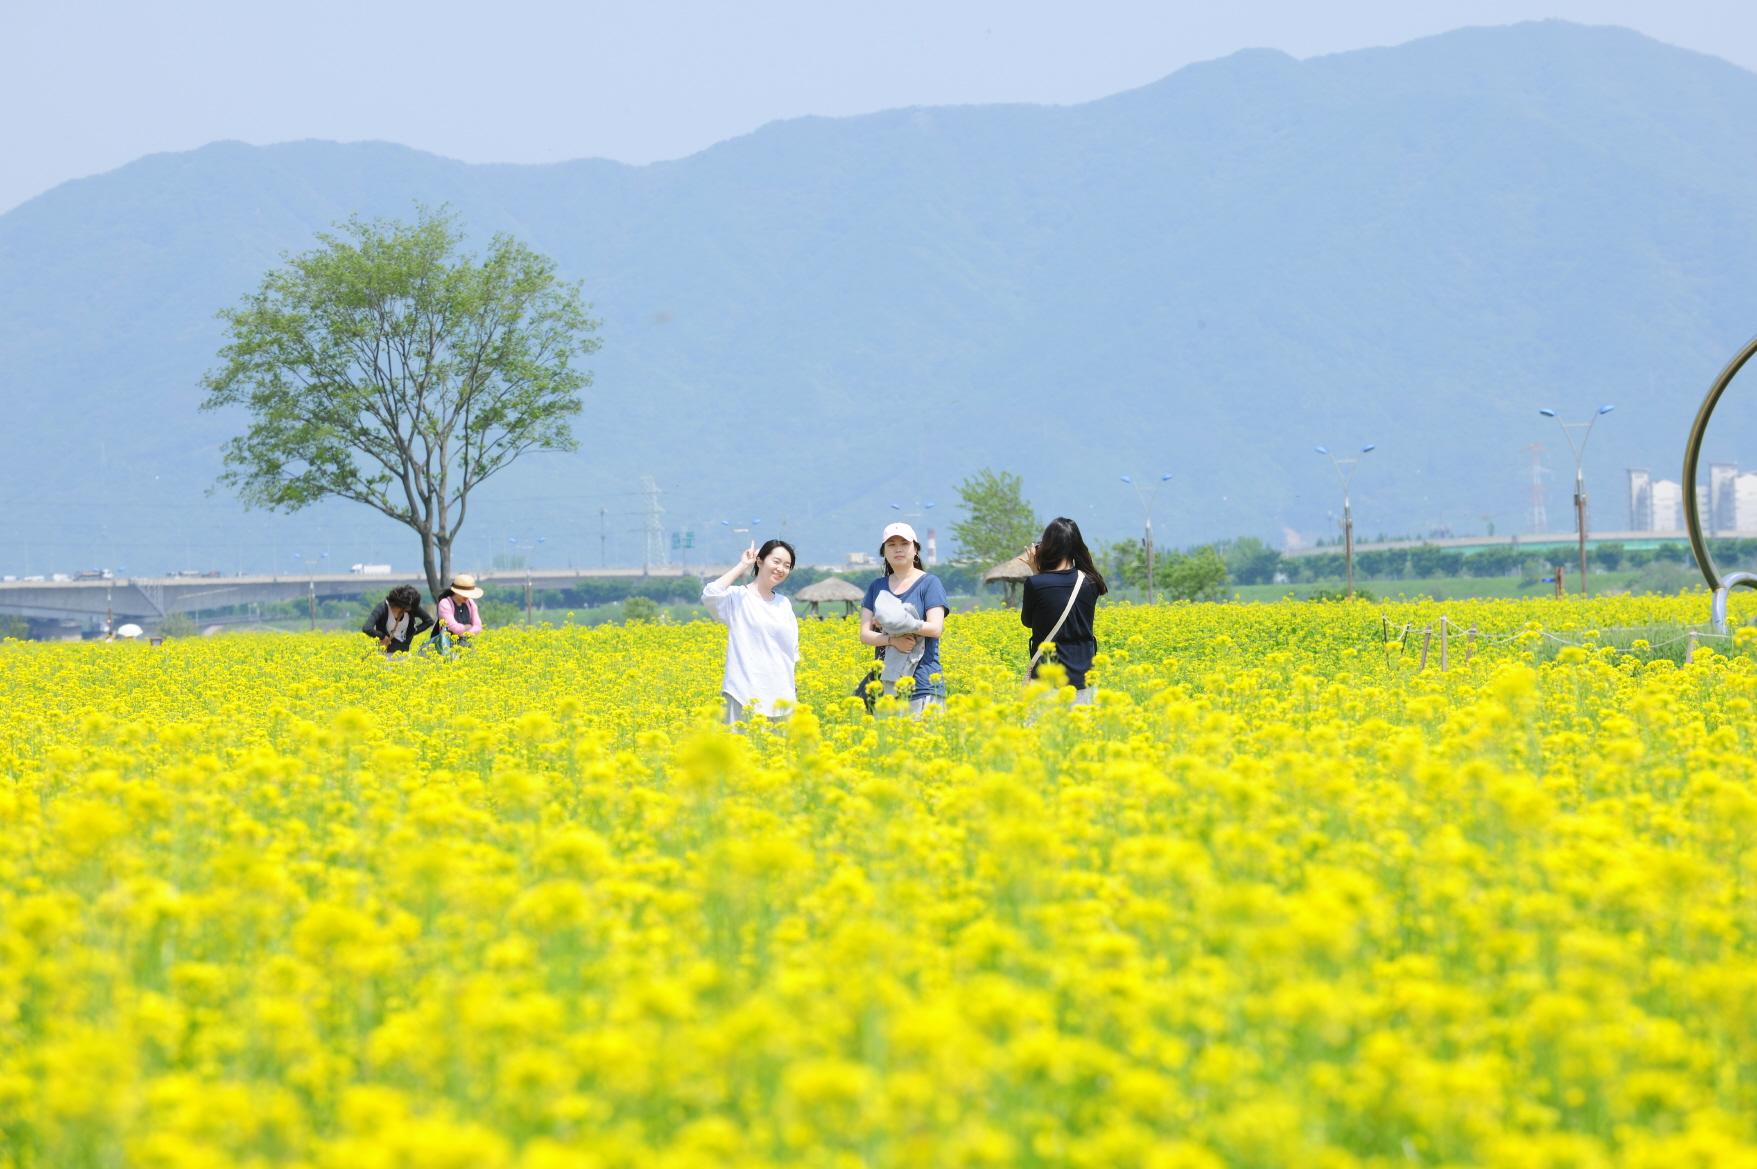 Kết quả hình ảnh cho 구리한강공원 유채꽃